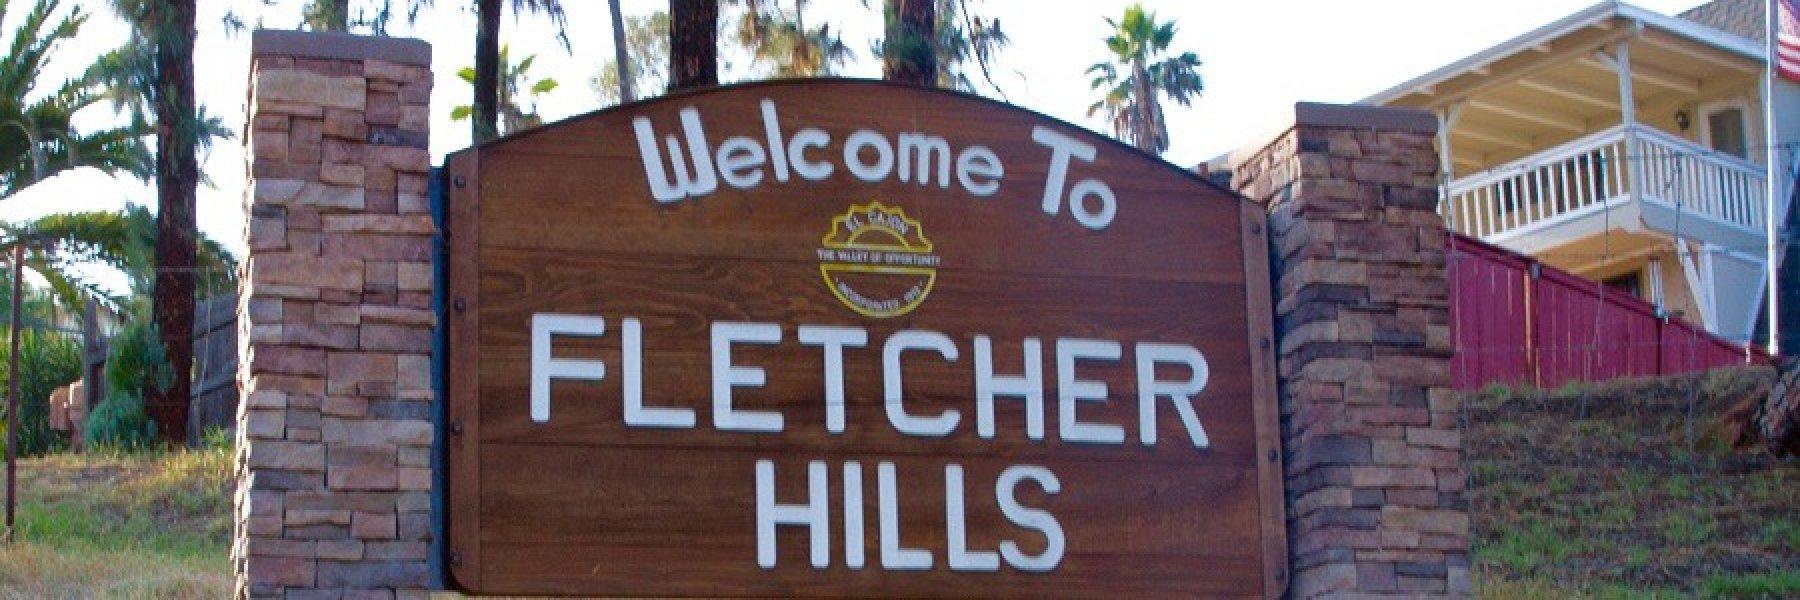 Fletcher Hills Neighborhood in El Cajon